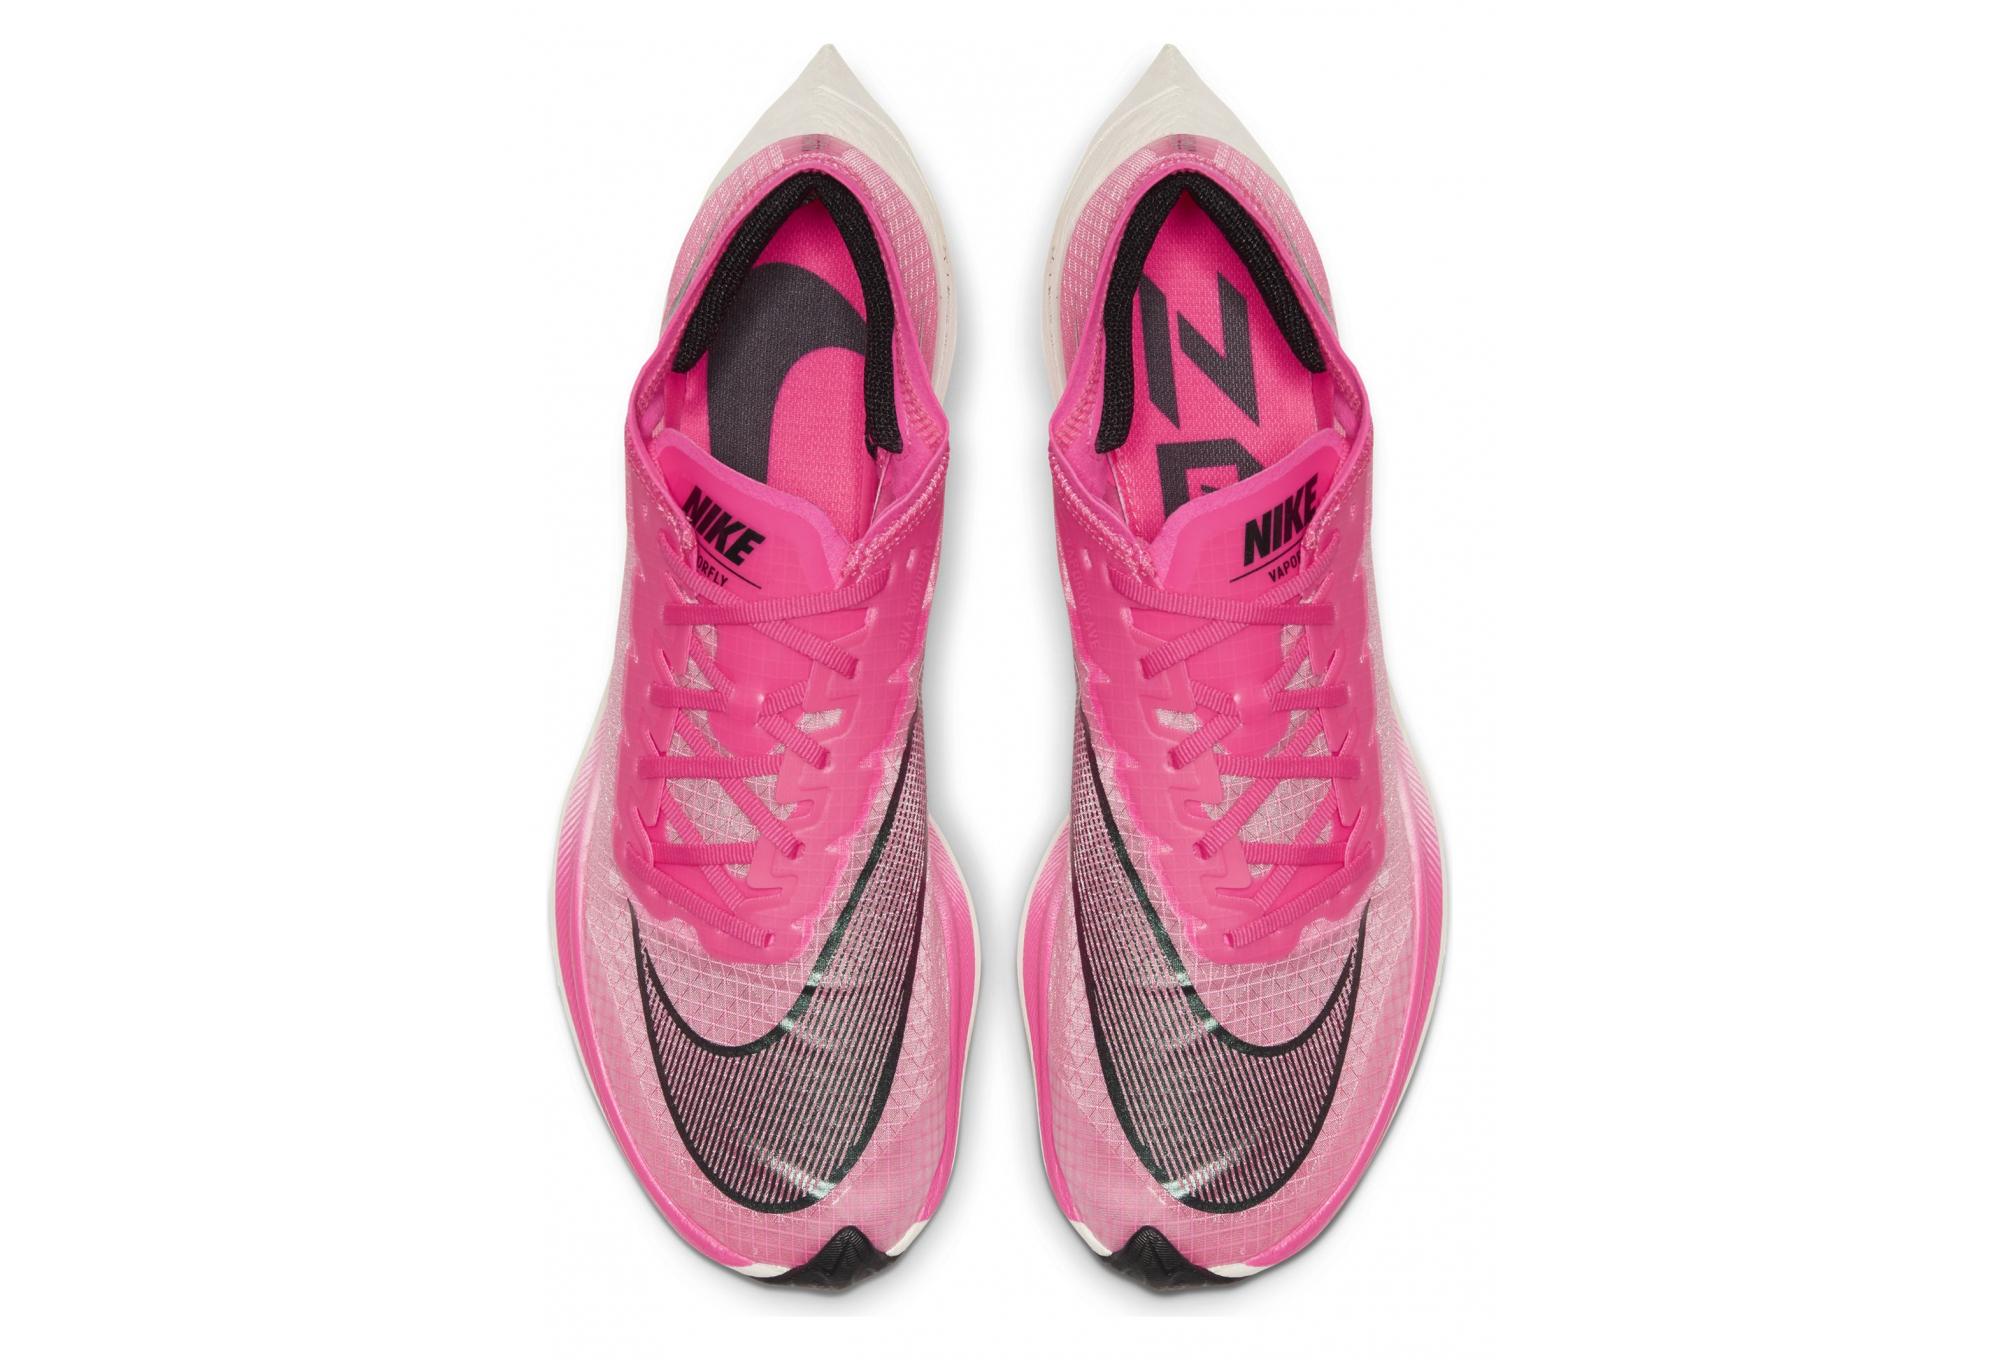 Nike Zoom Vaporfly Next% Pink Black Unisex